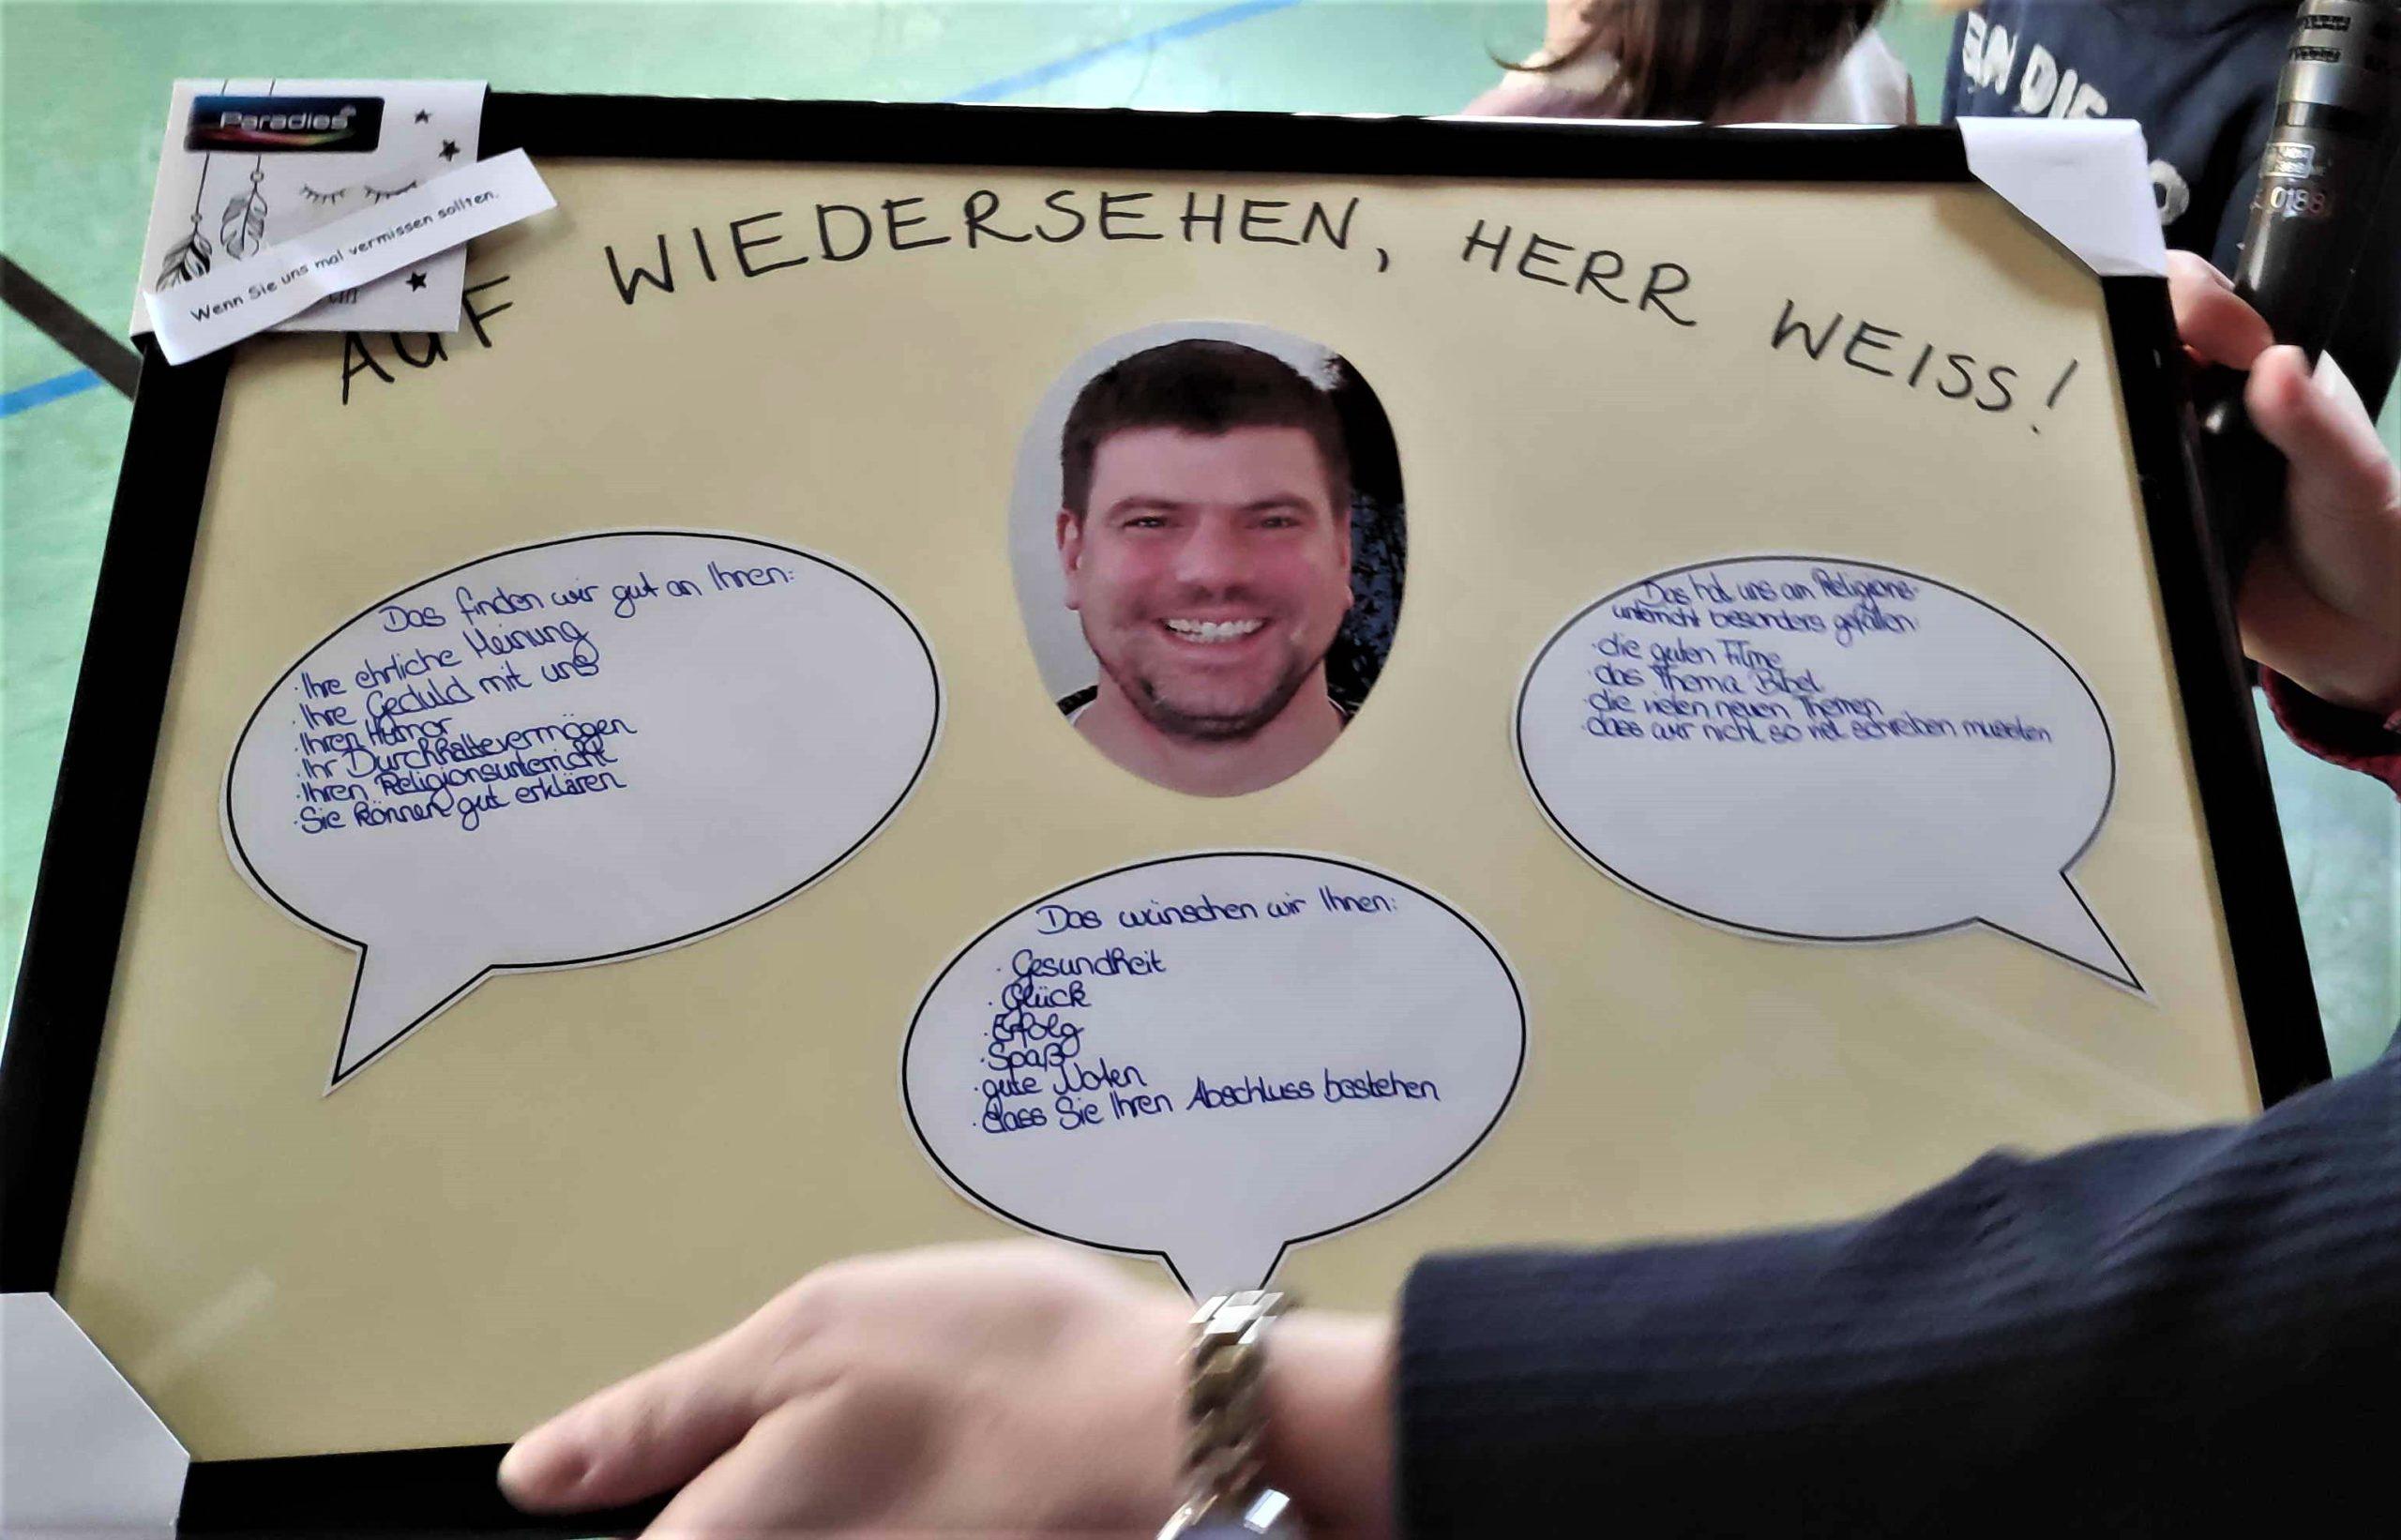 Verabschiedung von Herrn Walther Weiss